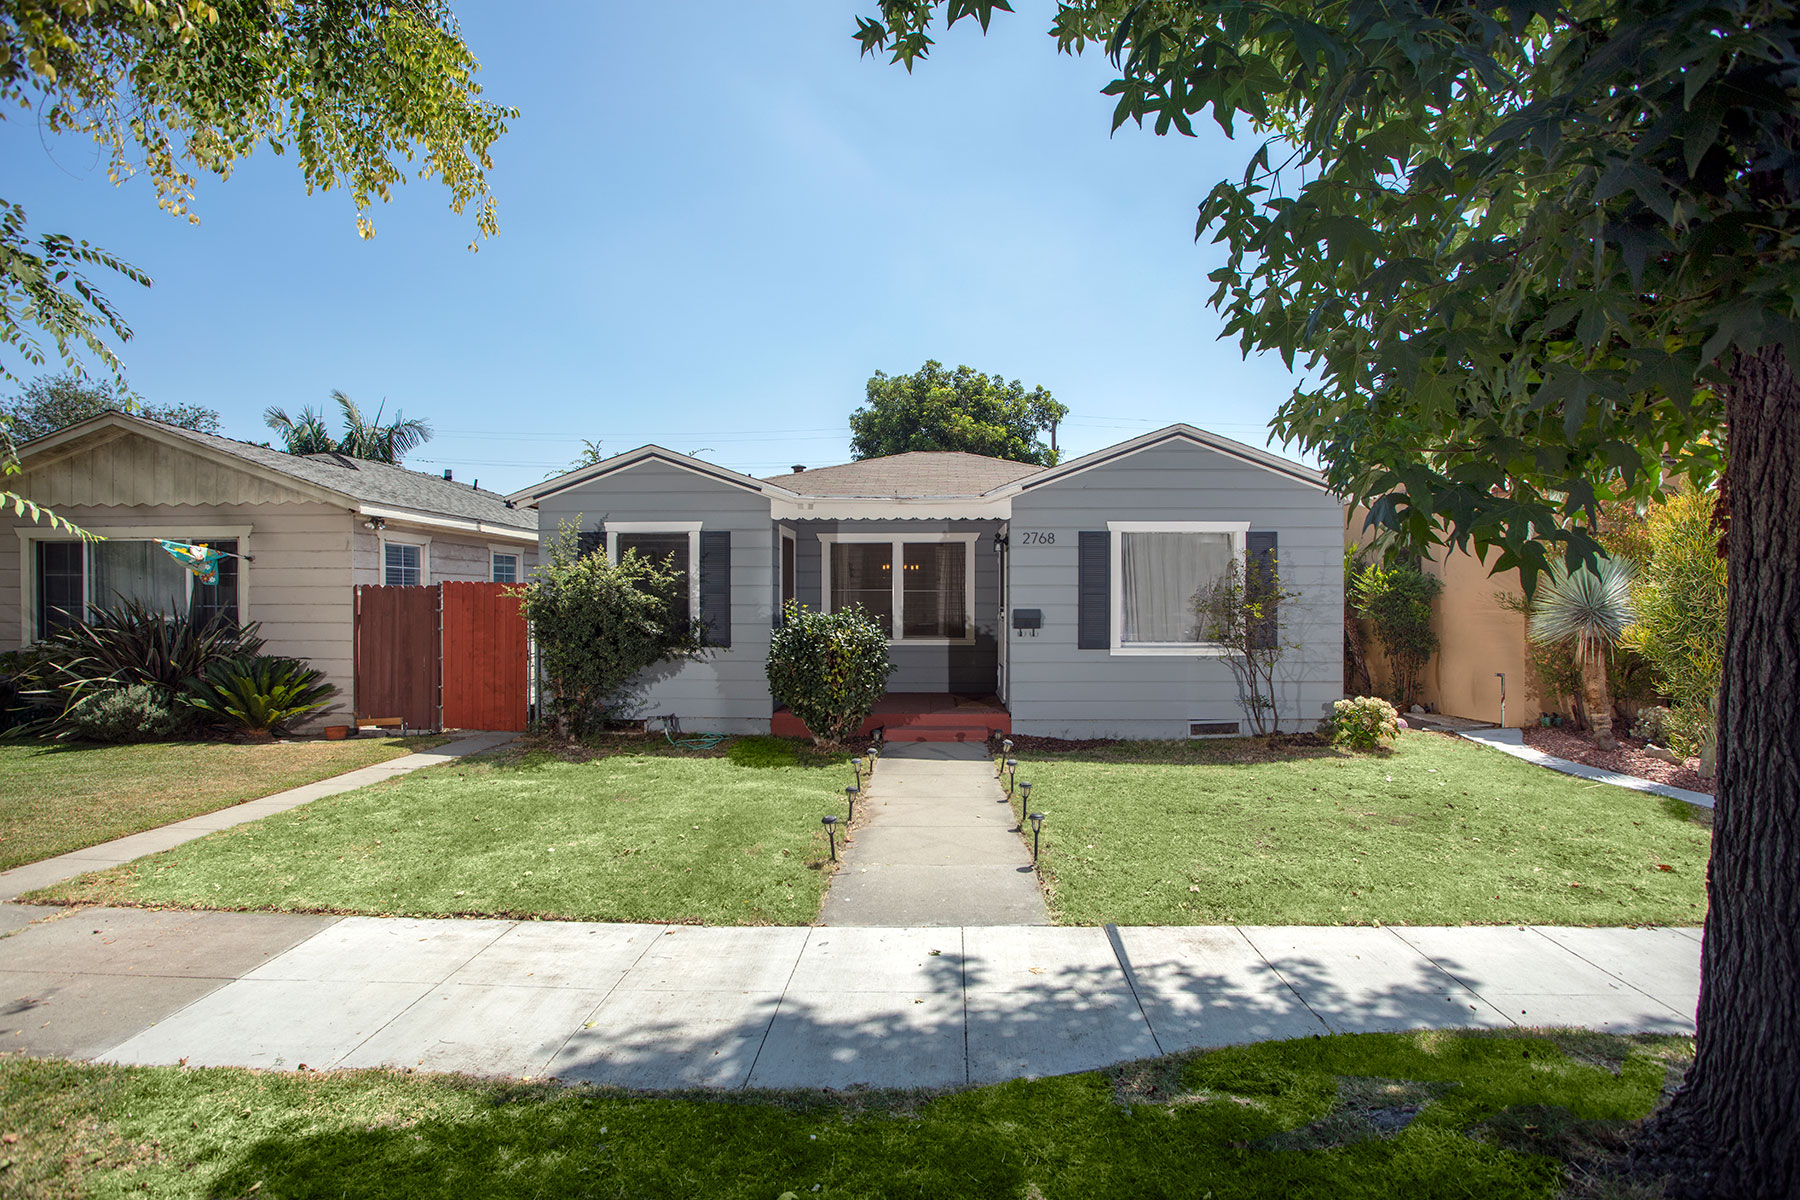 Частный односемейный дом для того Продажа на 2768 Maine Long Beach, Калифорния, 90806 Соединенные Штаты